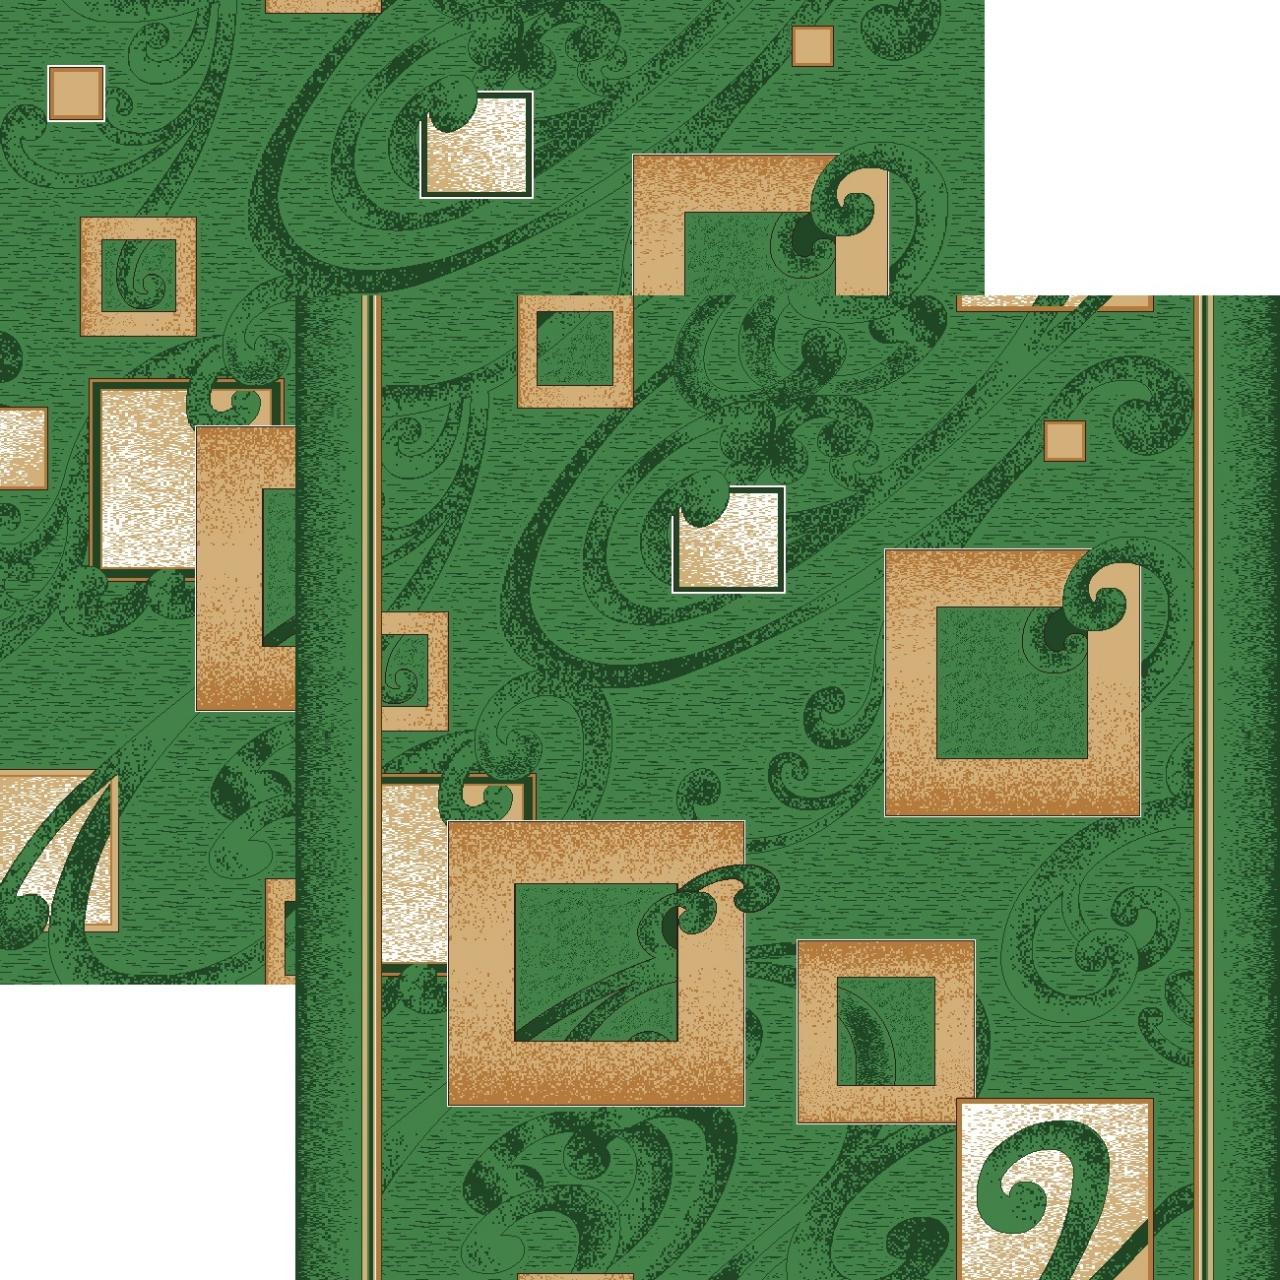 Ковровая дорожка p1023m5r - 36 - коллекция принт 8-ми цветная дорожка